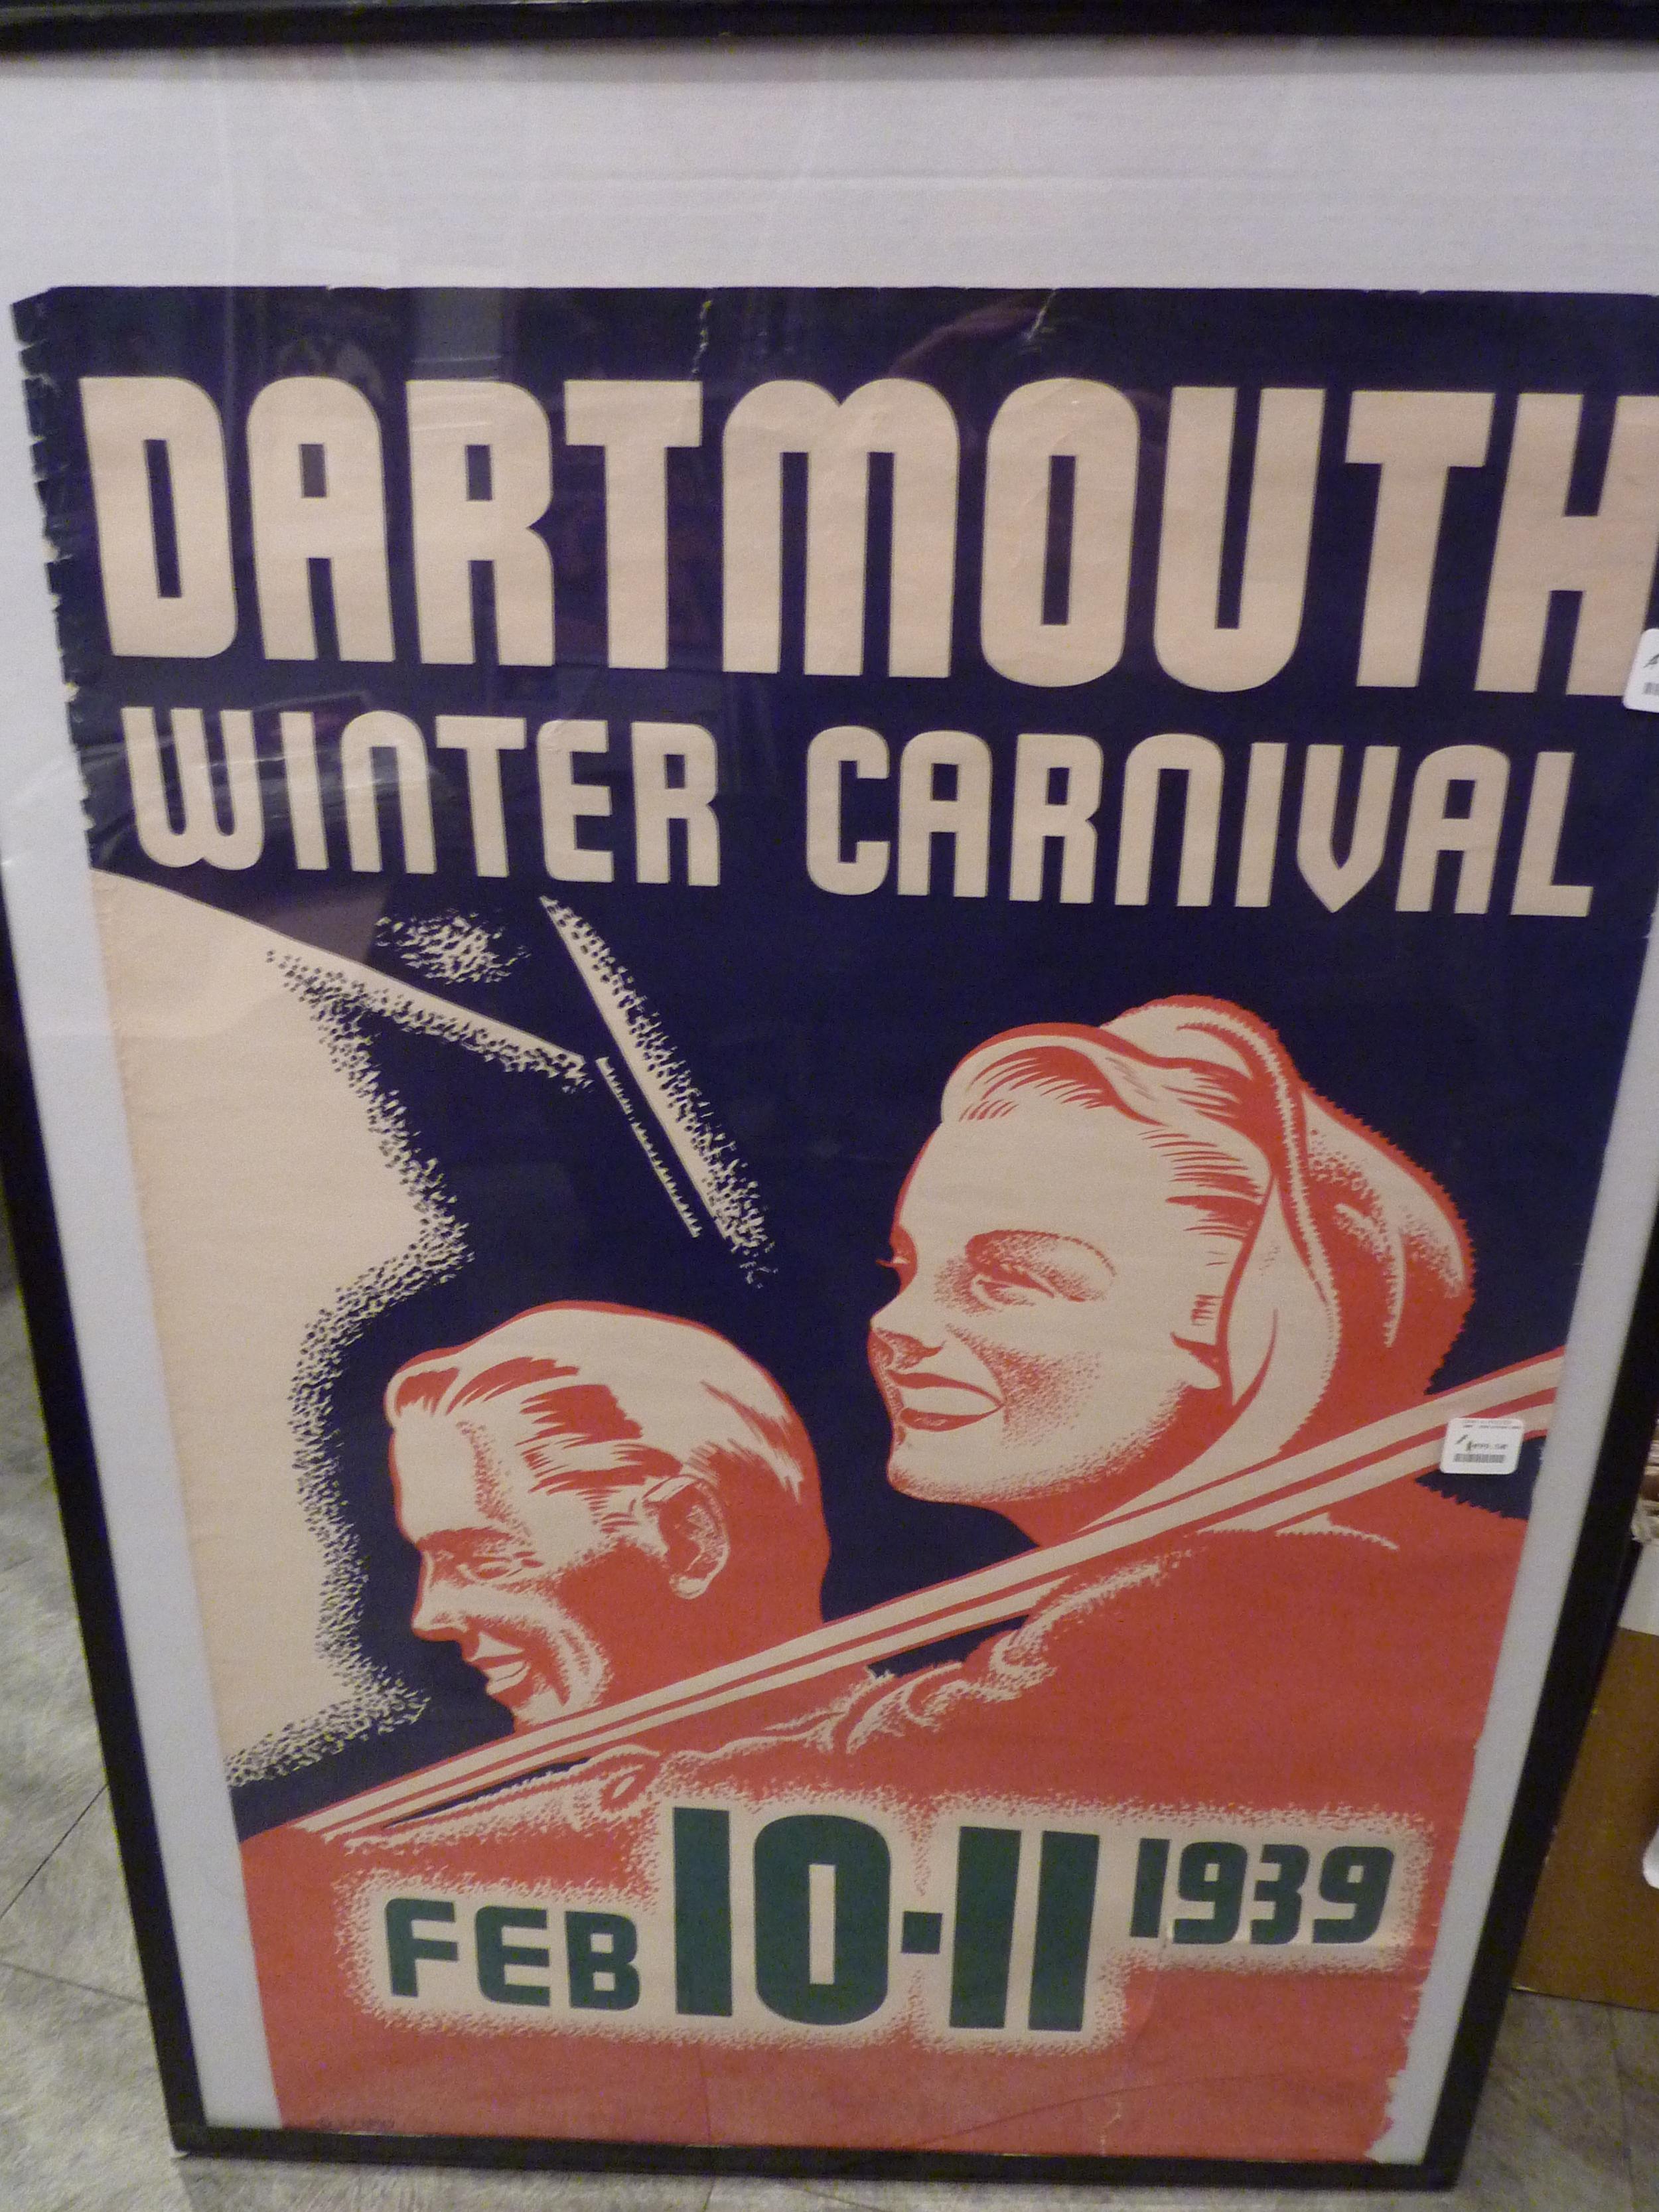 Dartmouth Winter Carnival 1939 (orange)